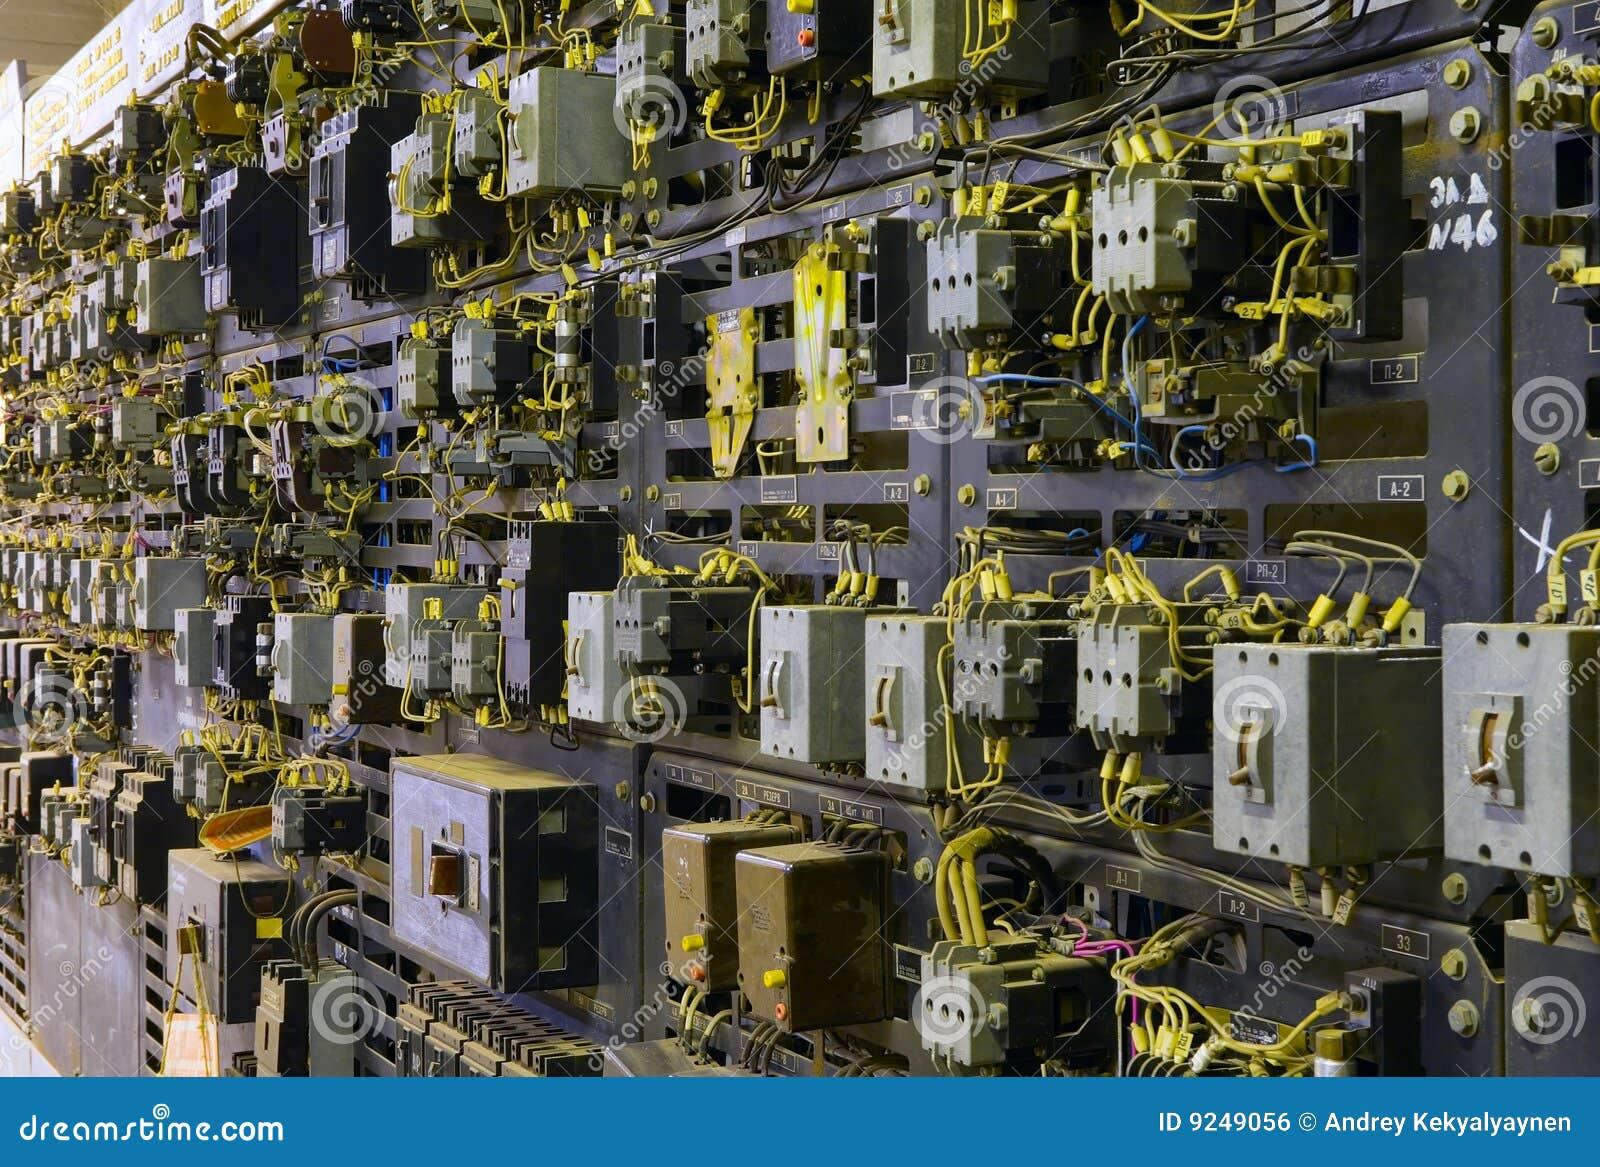 Console de controle elétrico no vault do transformador